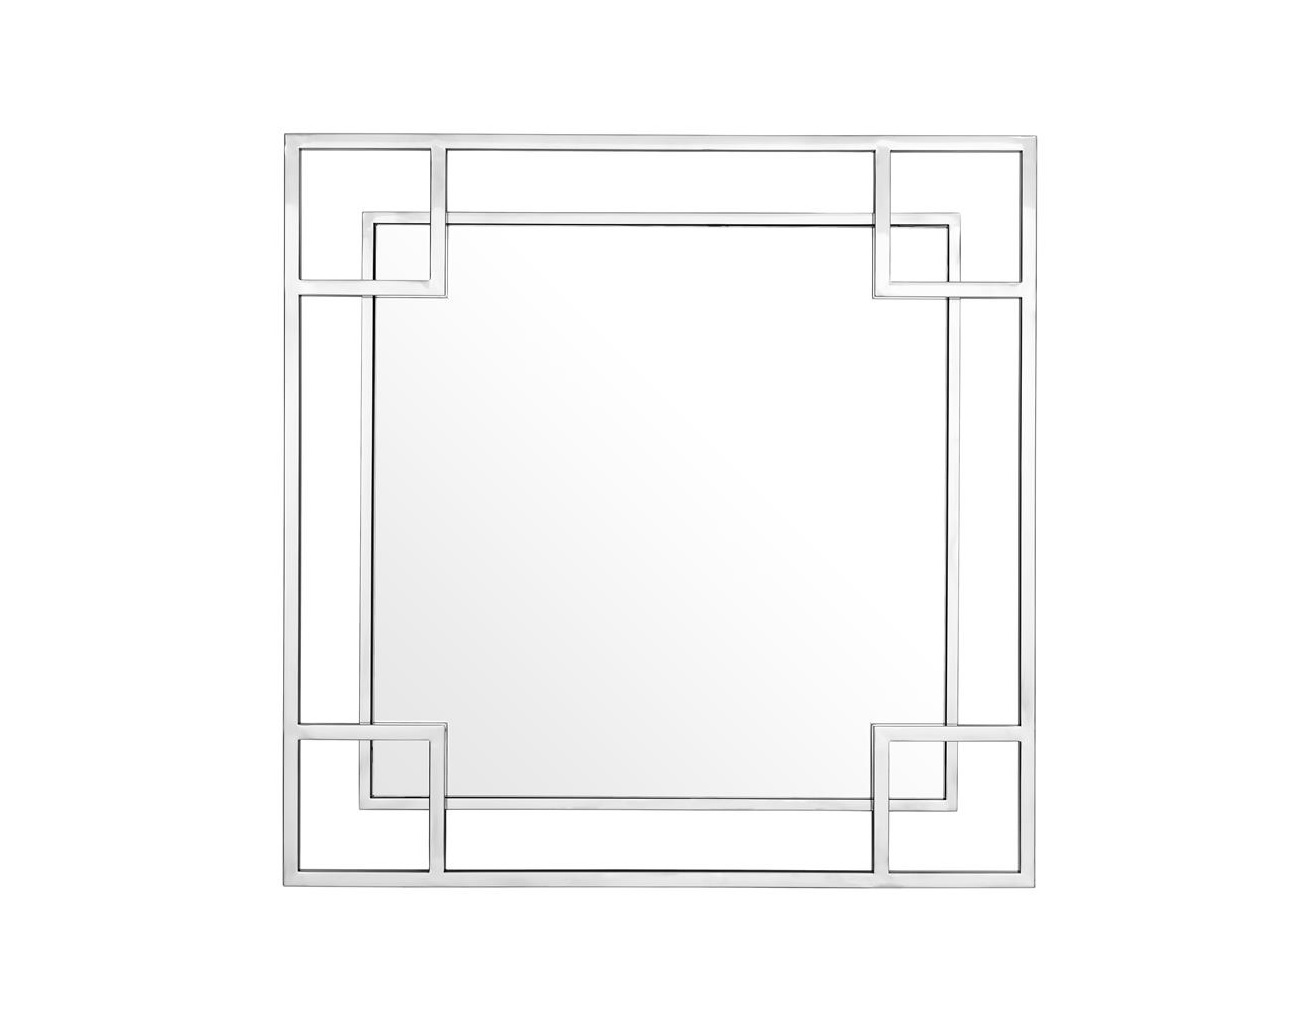 Зеркало MorrisНастенные зеркала<br><br><br>Material: Металл<br>Ширина см: 90<br>Высота см: 90